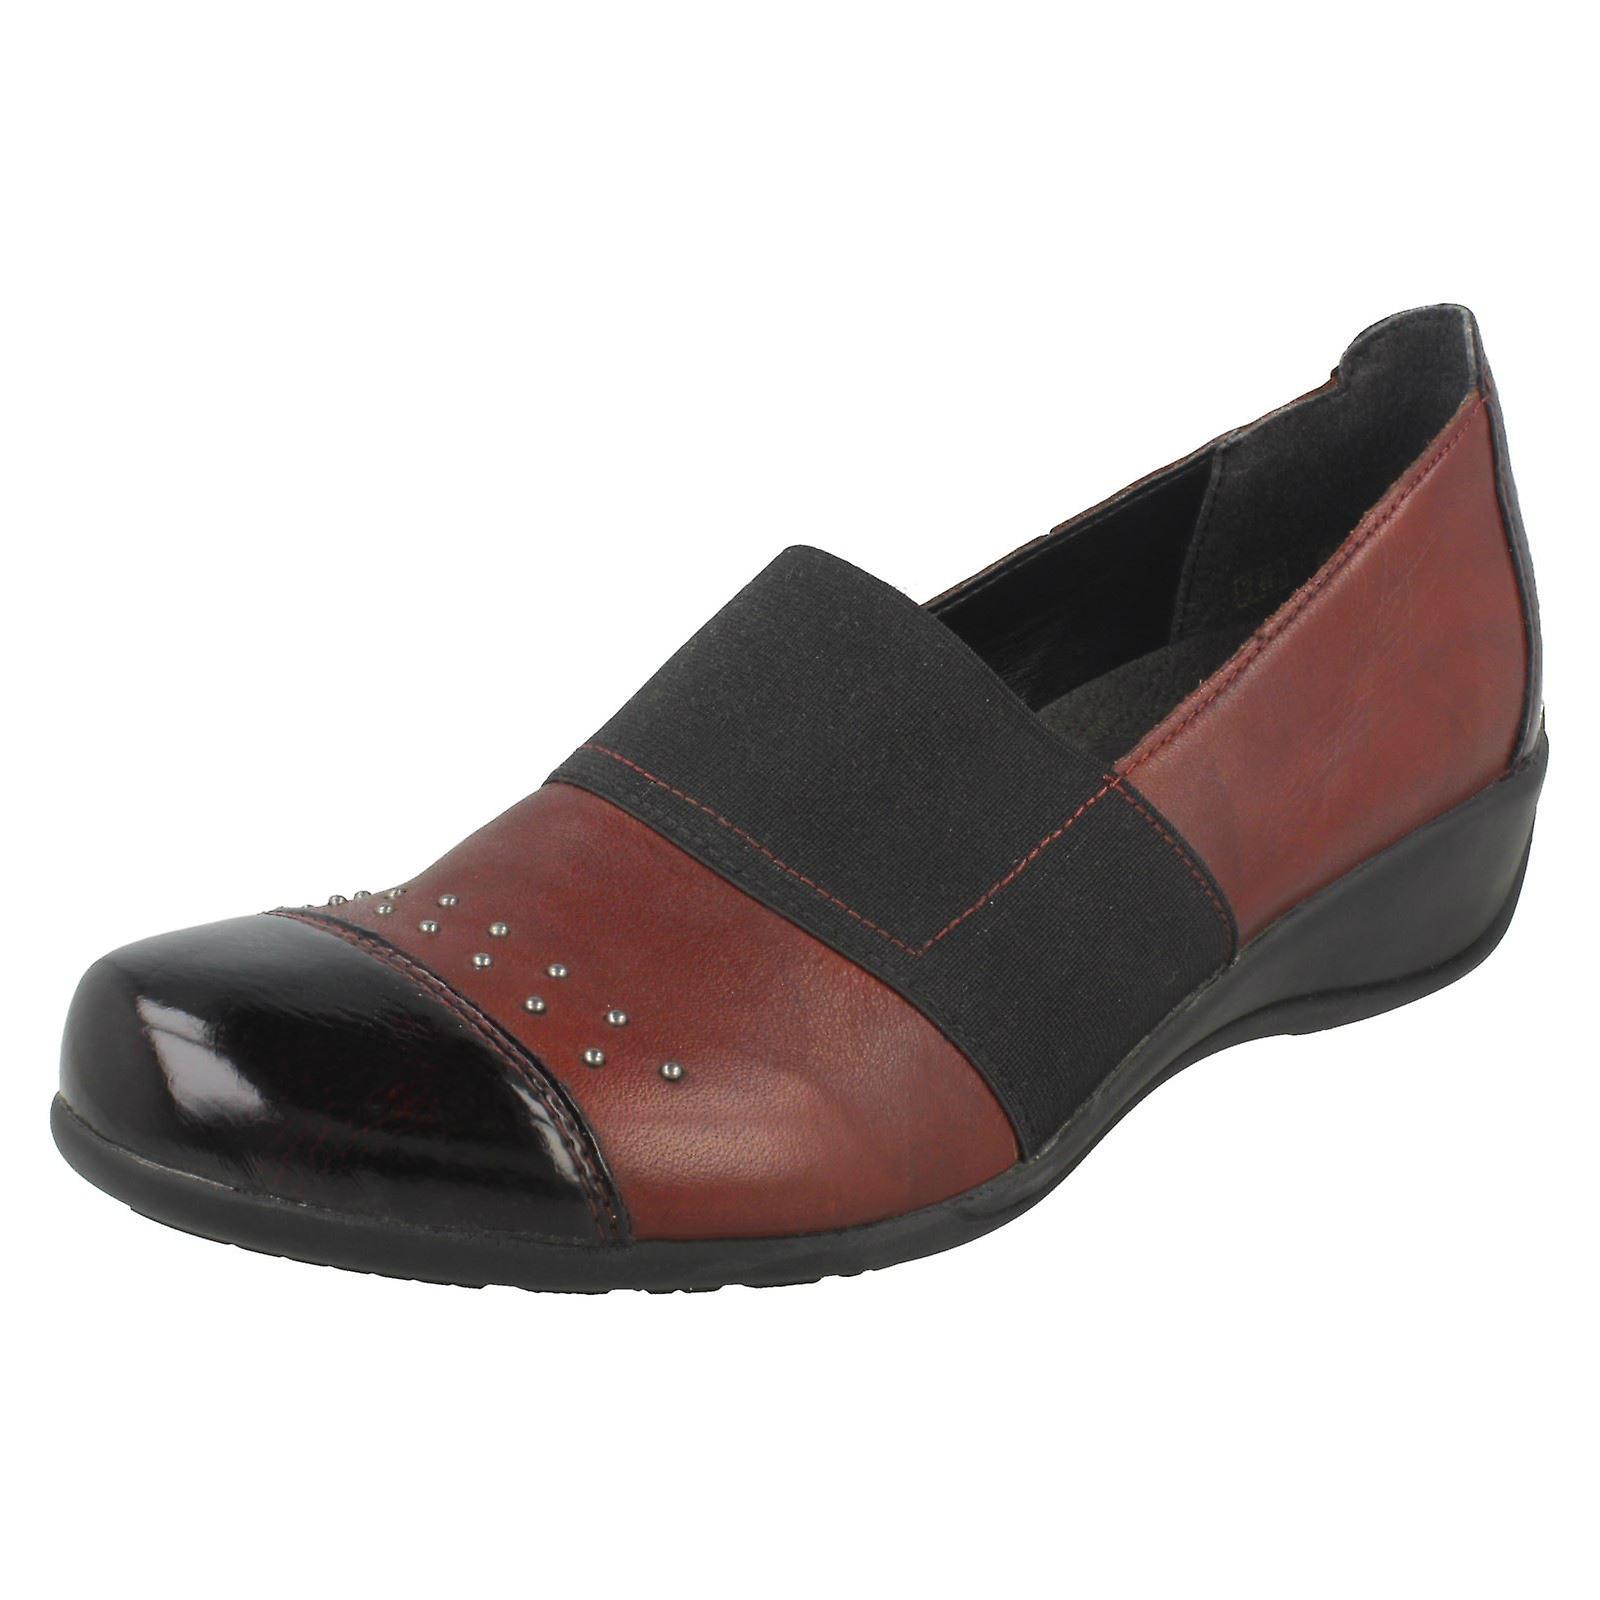 Buty damskie Remonte płaskim R9821 uBCNz